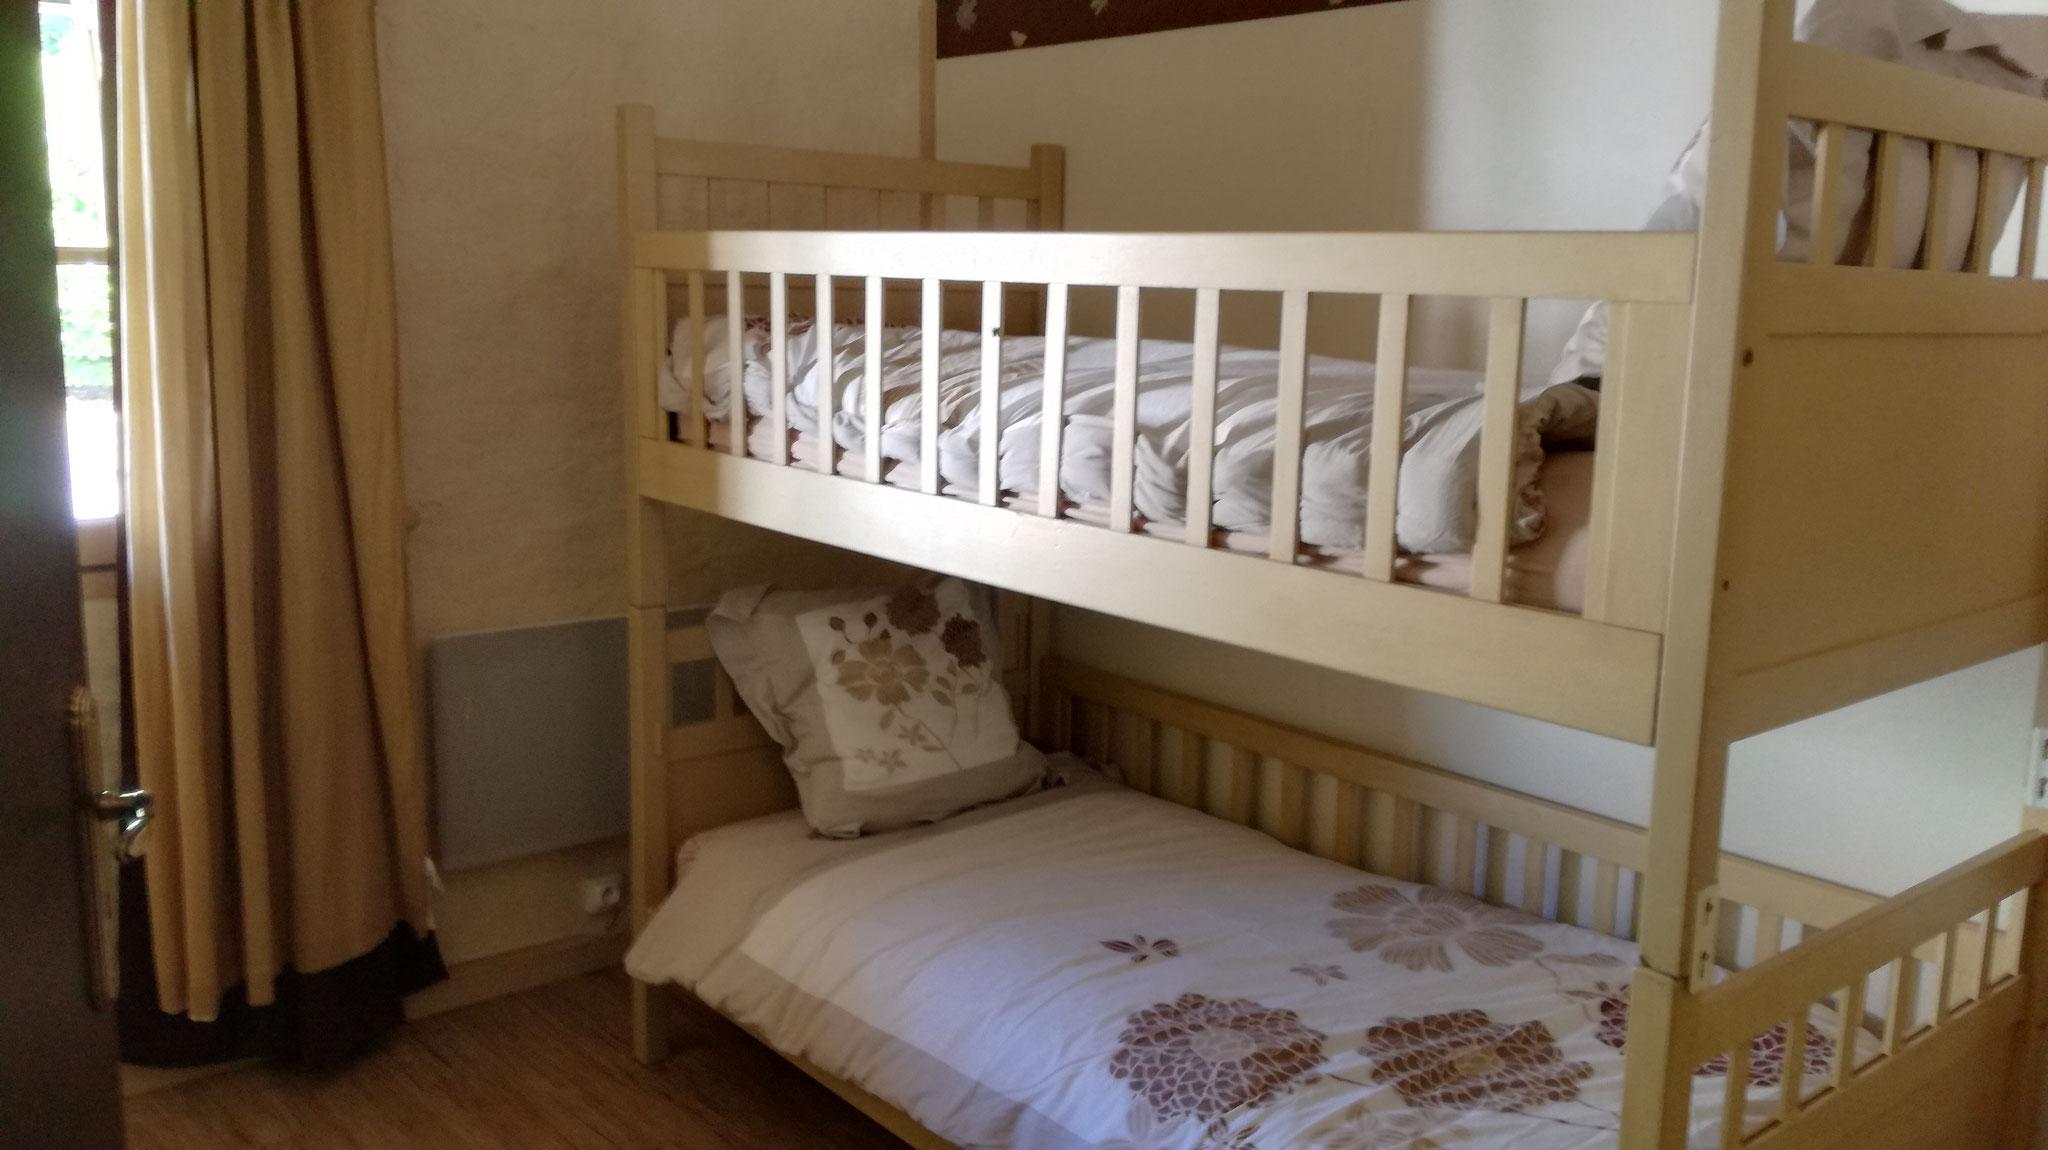 Petite chambre, lits supperposés ou côte à côte